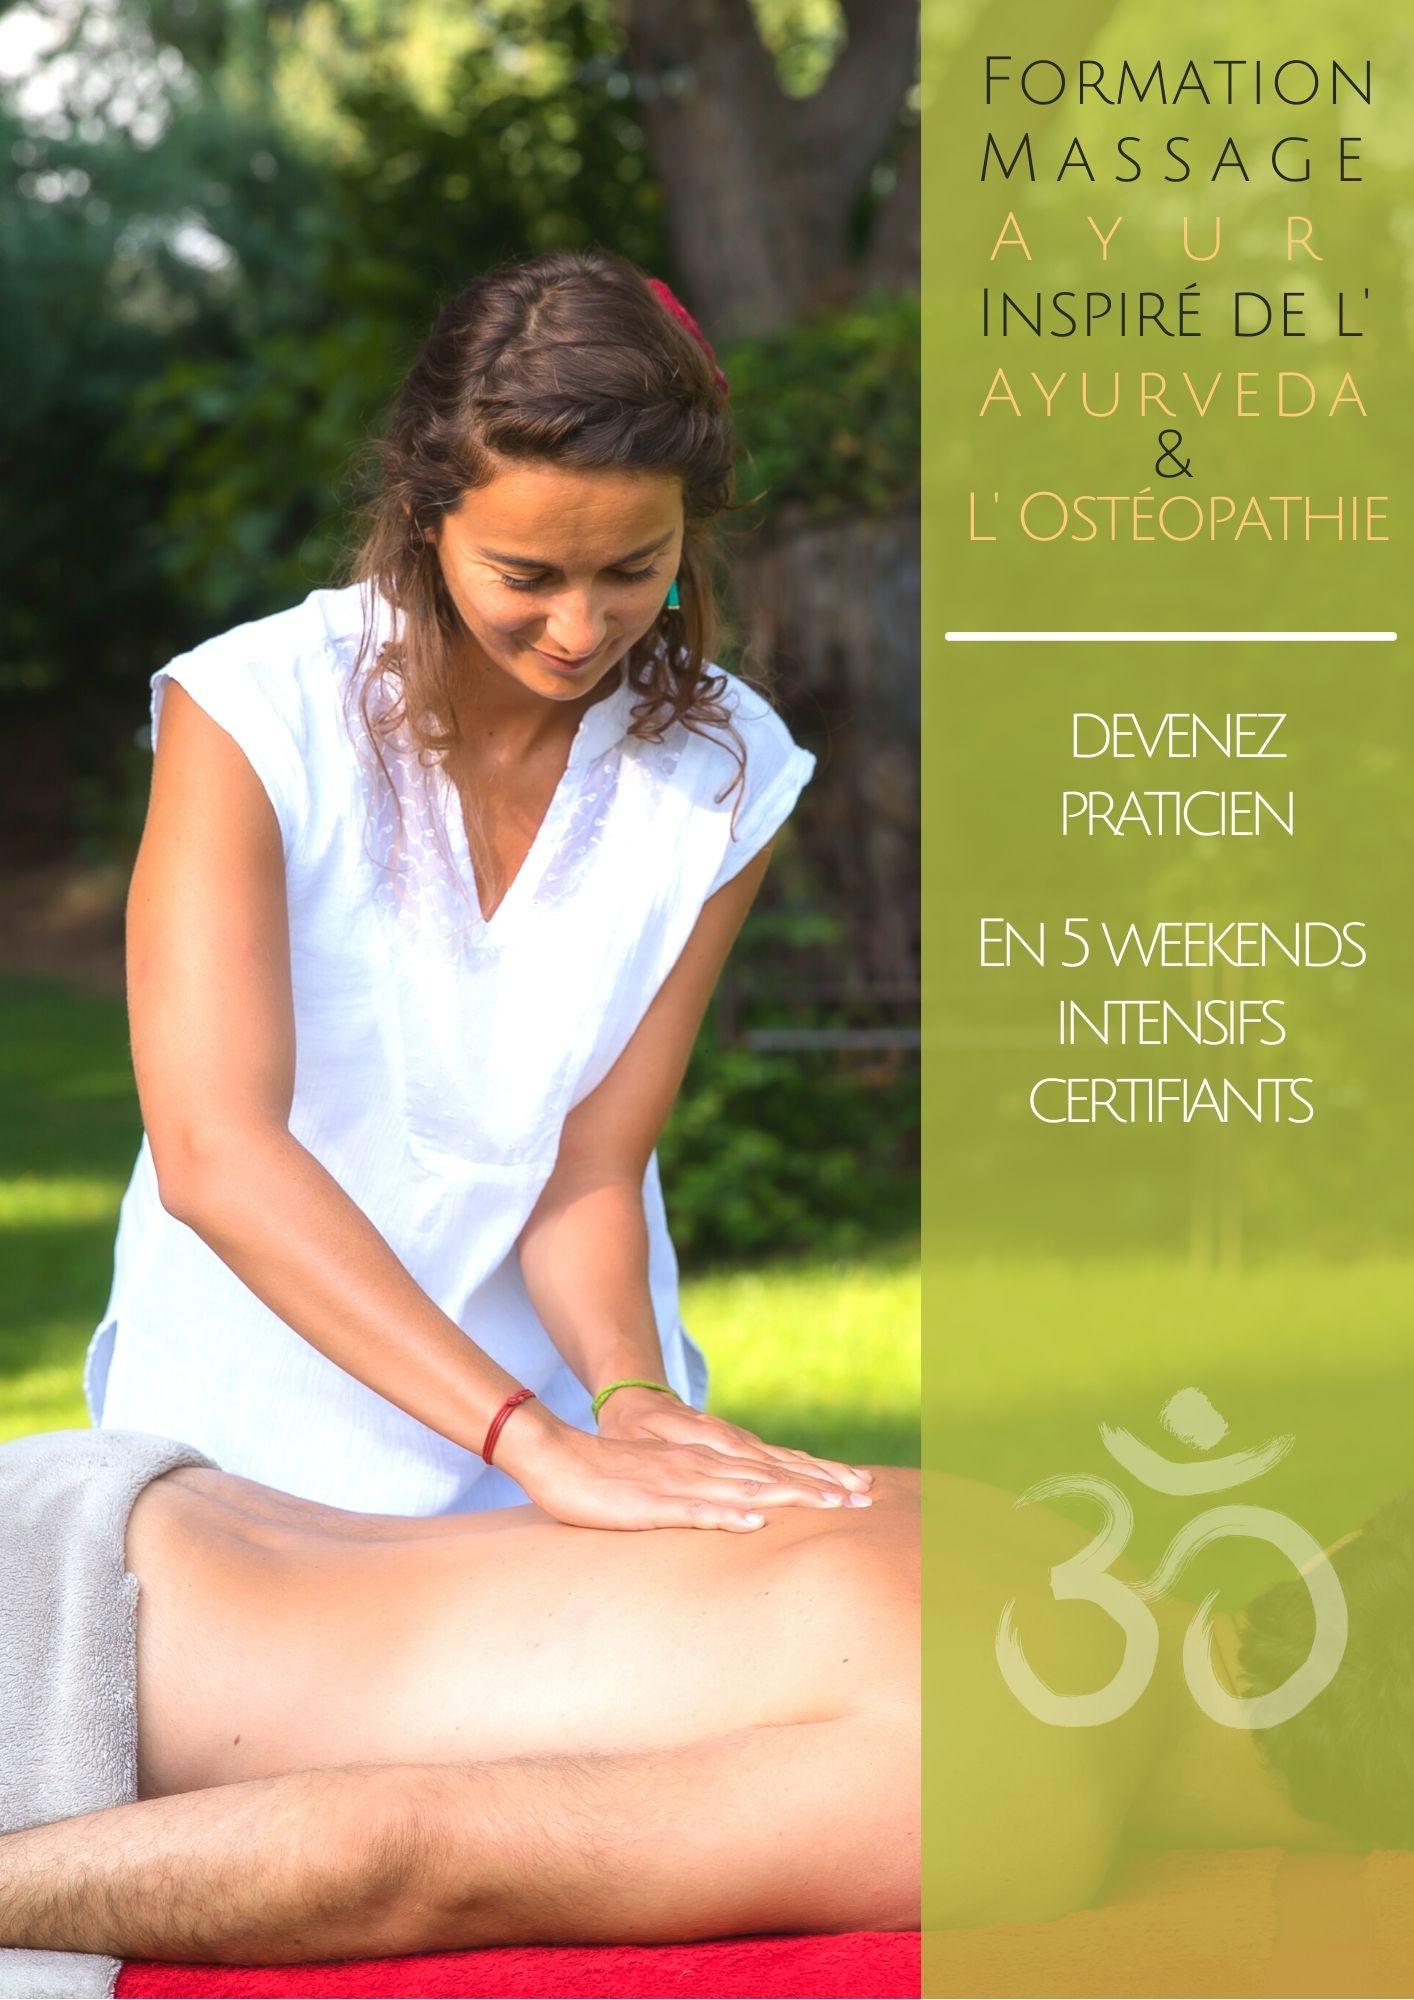 formation Ayur le massage ayurvédique inspiré ostéopathie Guillaume Calabretto Julie Delias Cathie Marchan